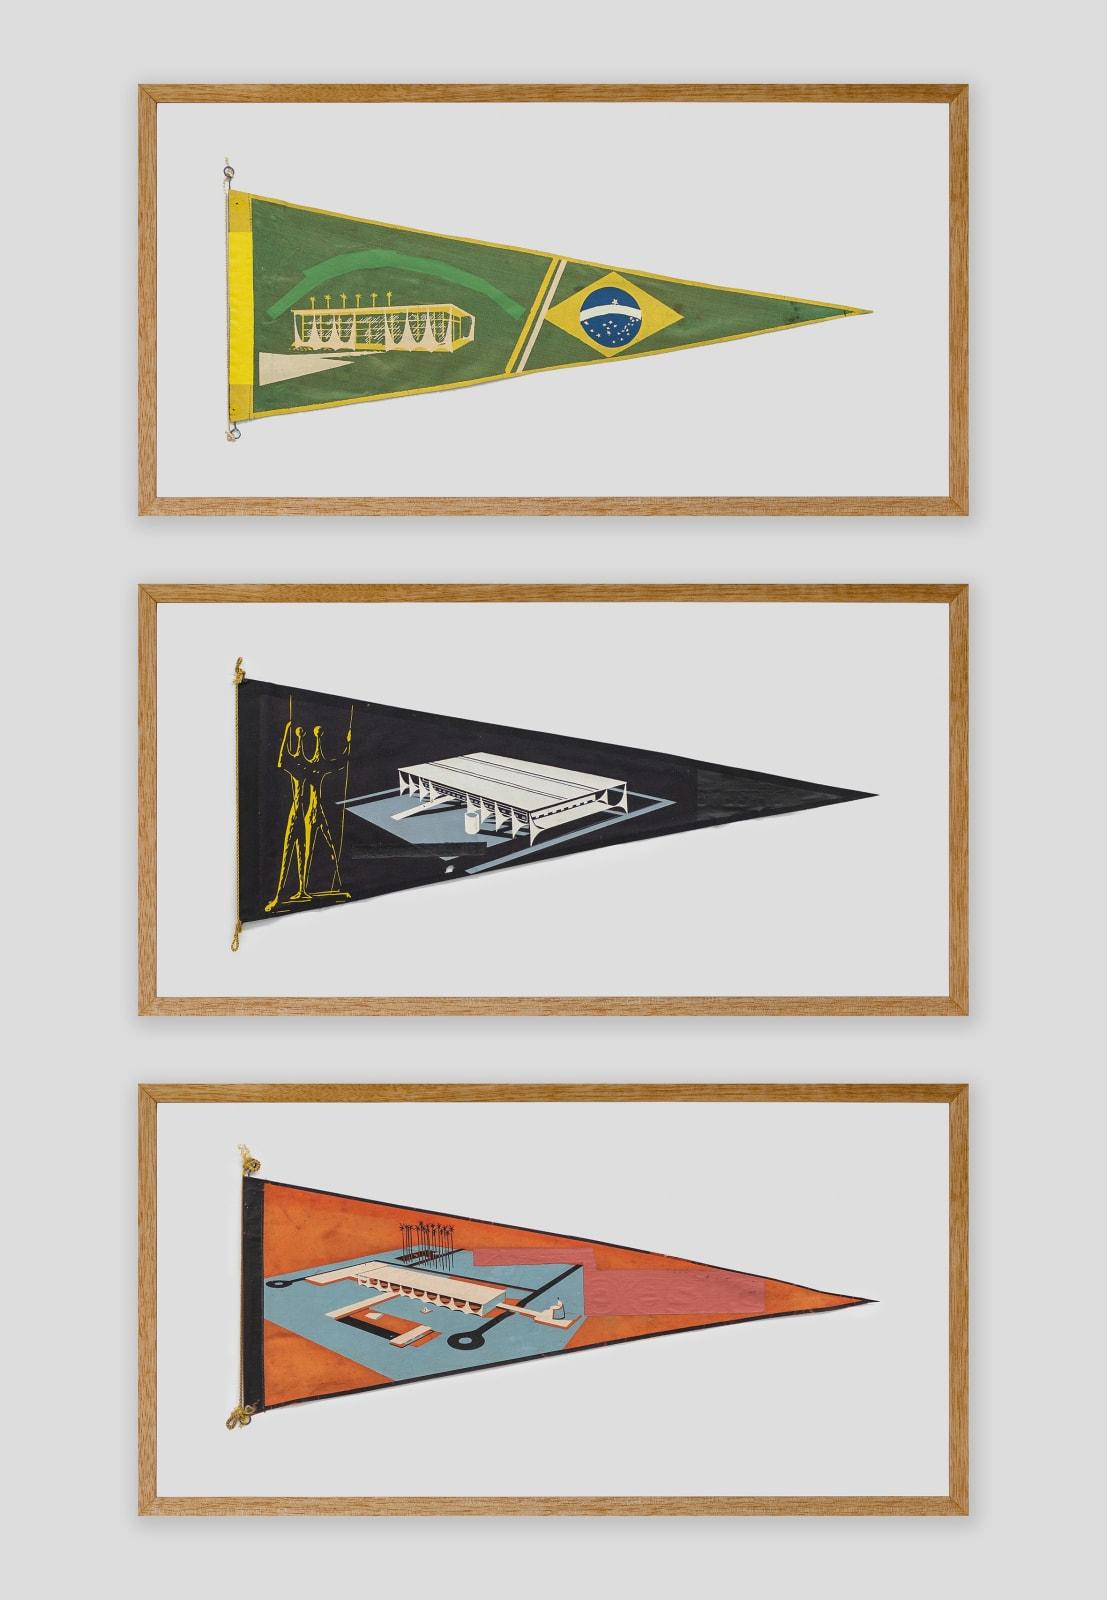 Bruno Faria Lembranças de Paisagem I Brasília, 2020 Pintura e serigrafia sobre tecido, Tríptico aprox. 102 x 61,5 cm